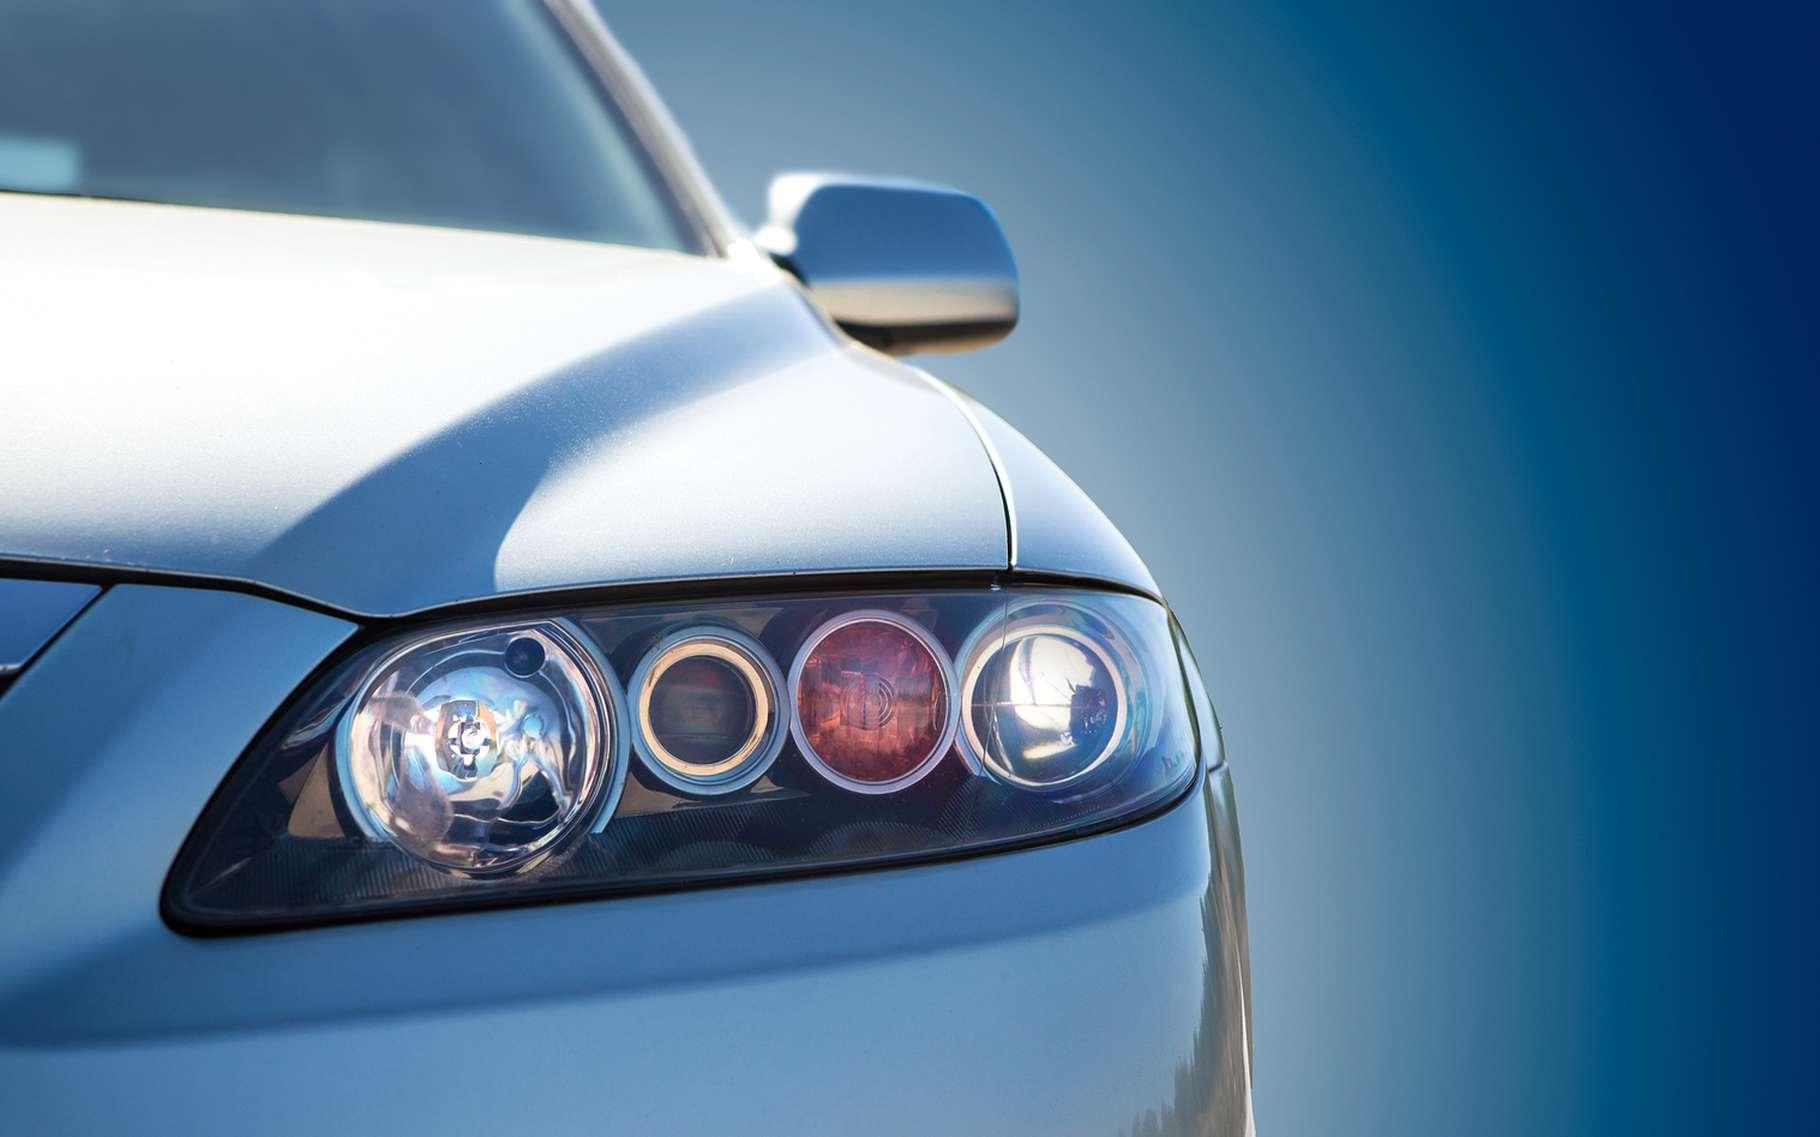 Les voitures modernes, qui s'ouvrent à distance, seraient-elles si peu sécurisées ? © scyther5, Shutterstock